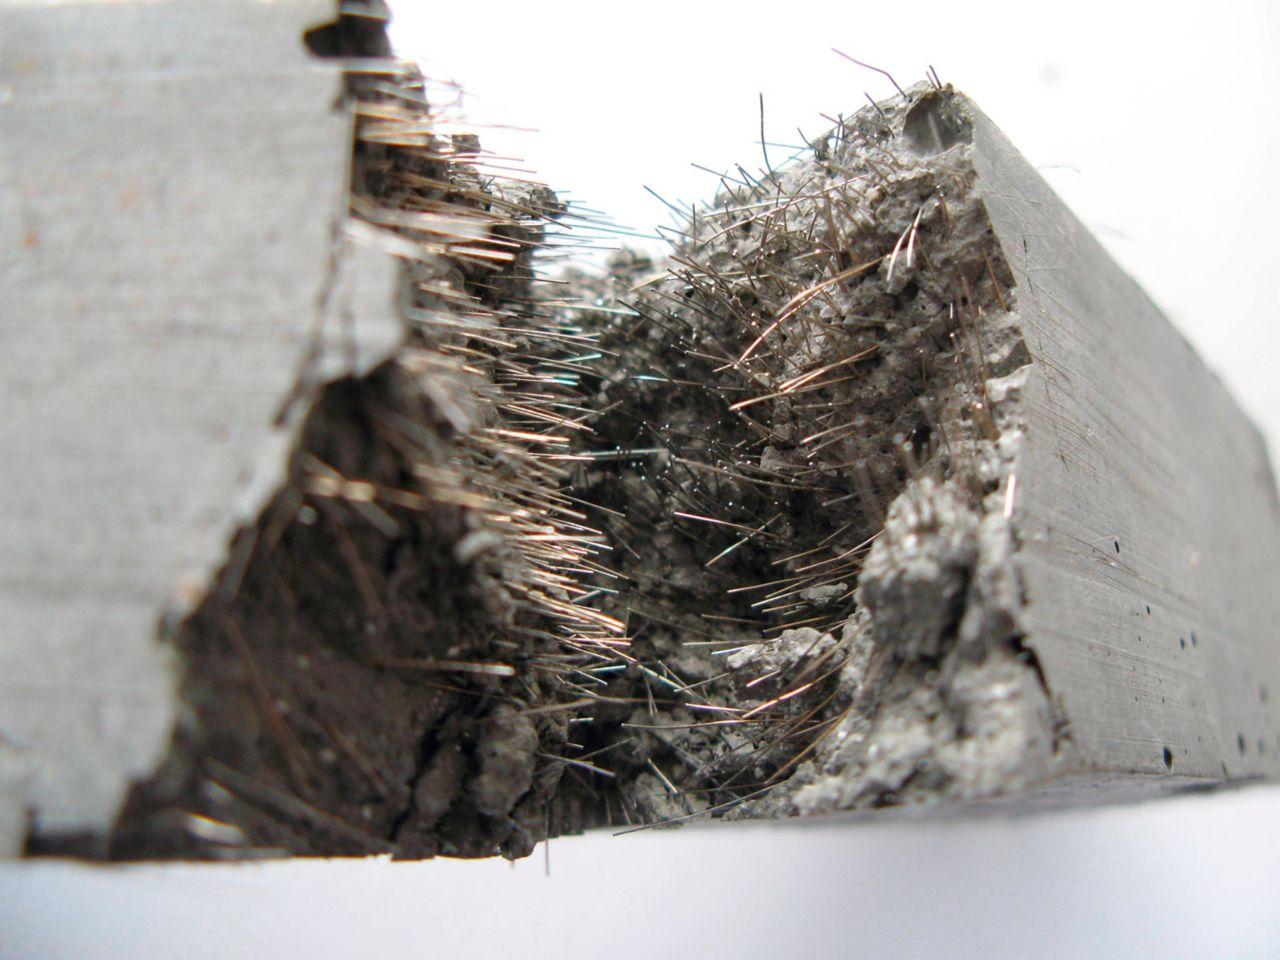 Fiber reinforced concrete block cut in half